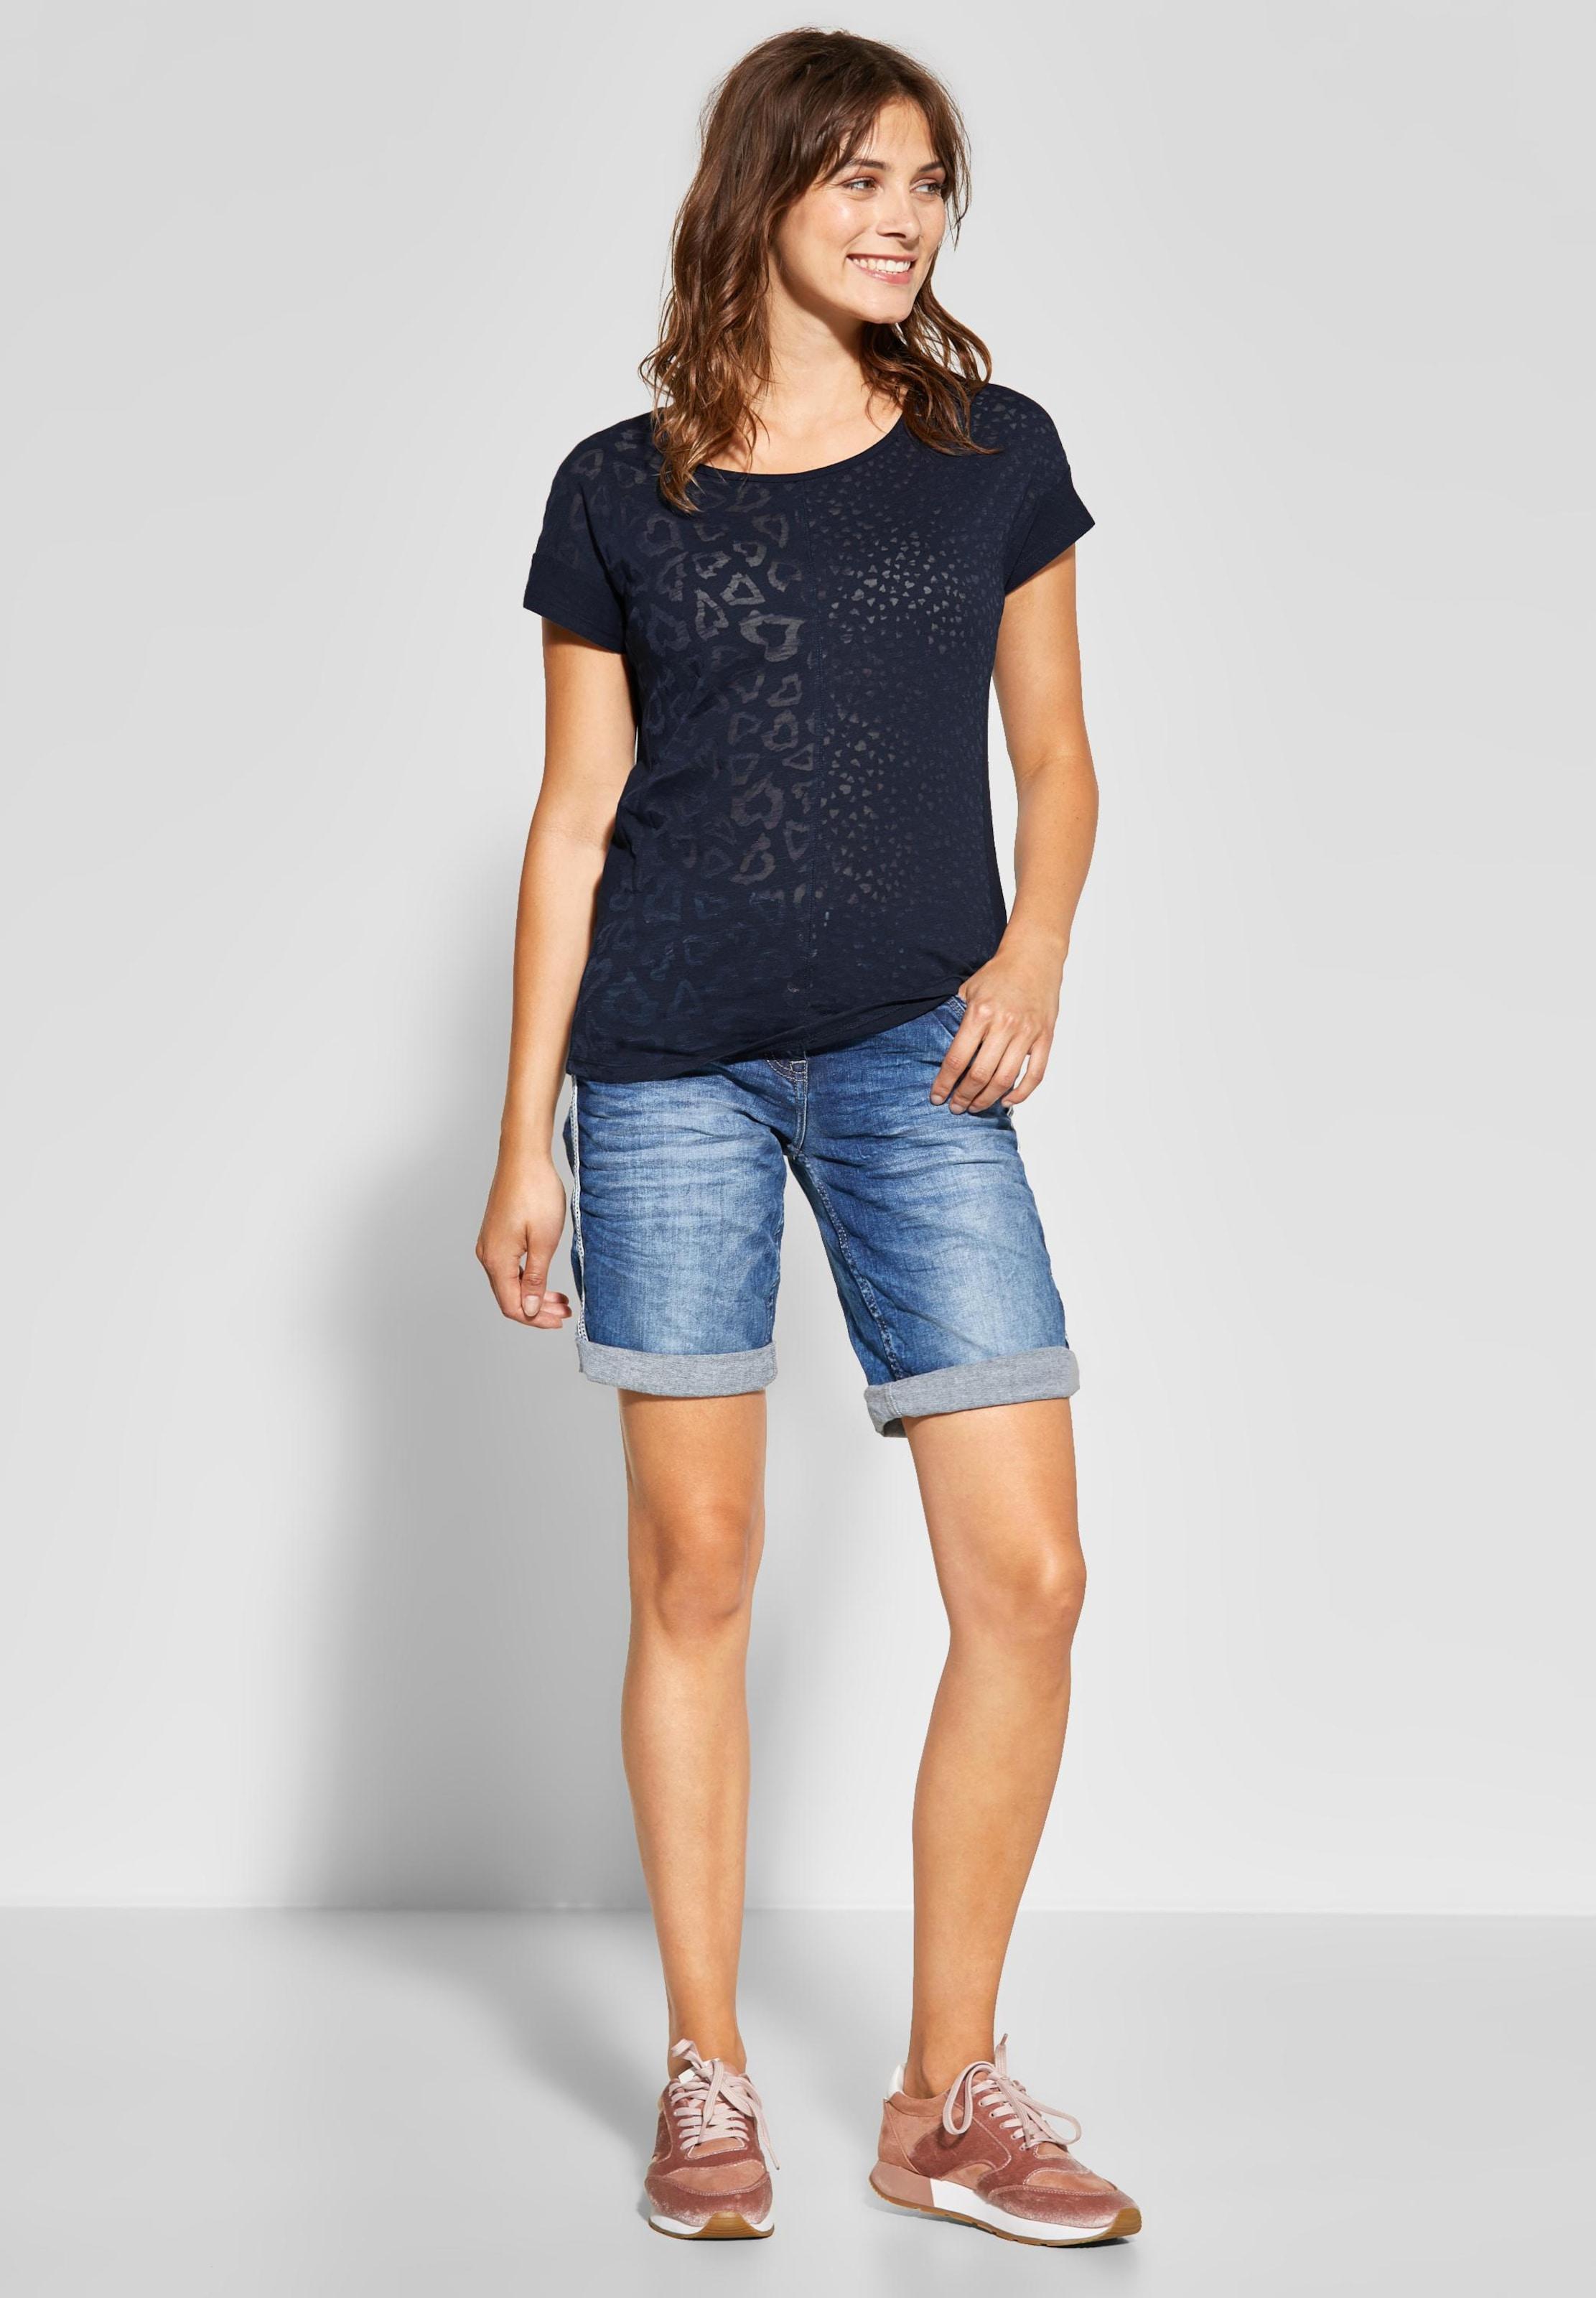 Ultramarinblau Cecil Shirt Shirt In Cecil In jR5Aq34L